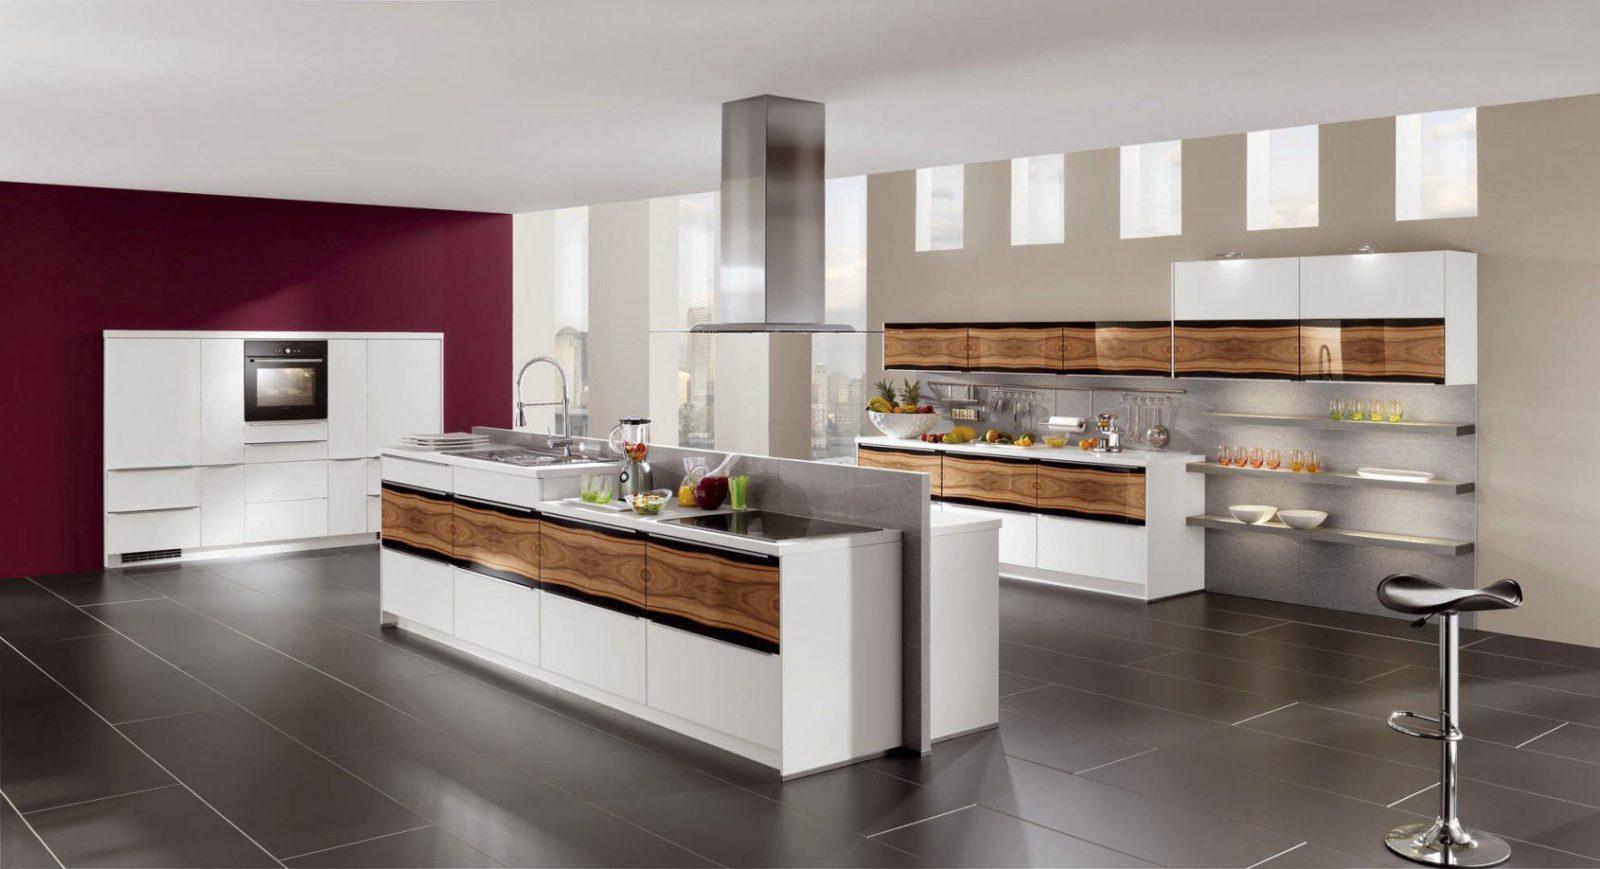 Stunning Ideas Nolte Küchen Mit Kochinsel Und Theke Home Design Ideas Von  Nolte Küchen Mit Kochinsel Und Theke Photo